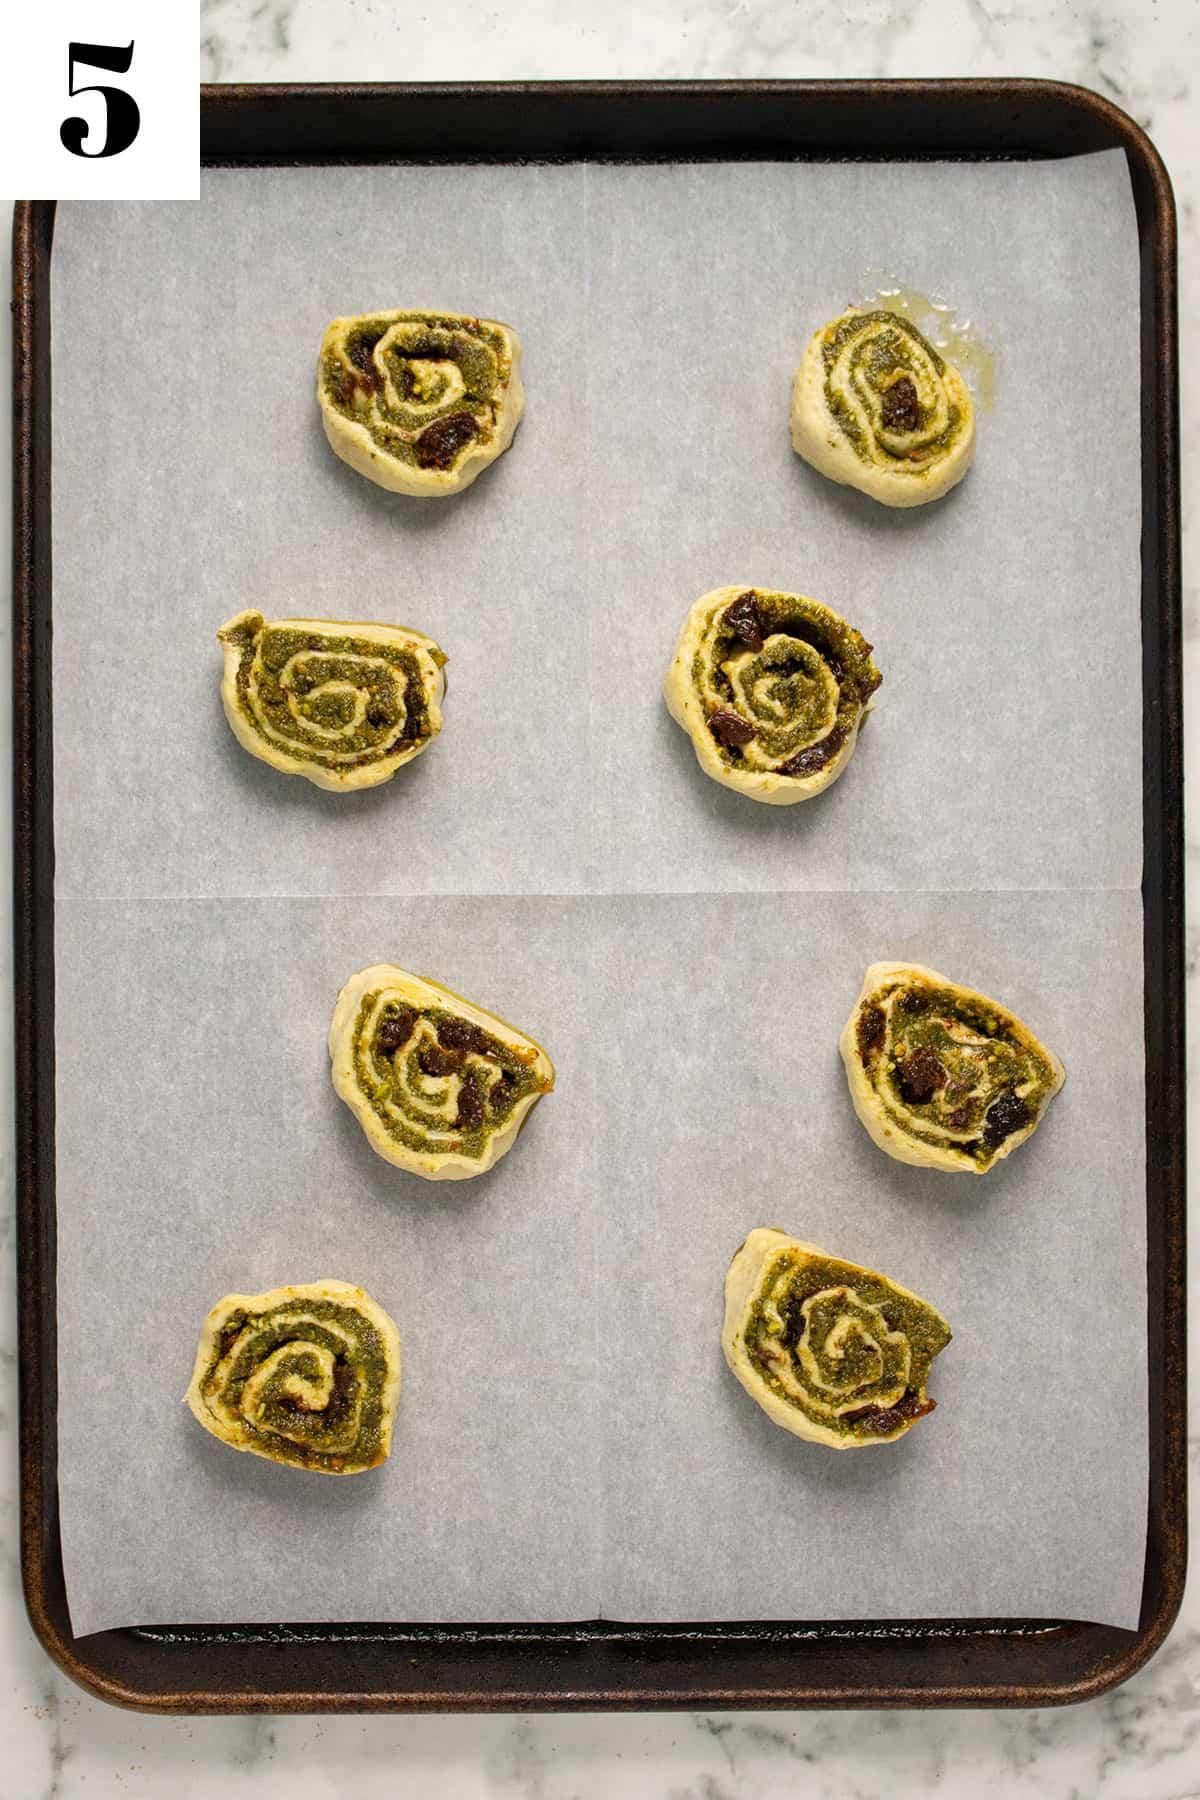 8 pinwheels on baking sheet